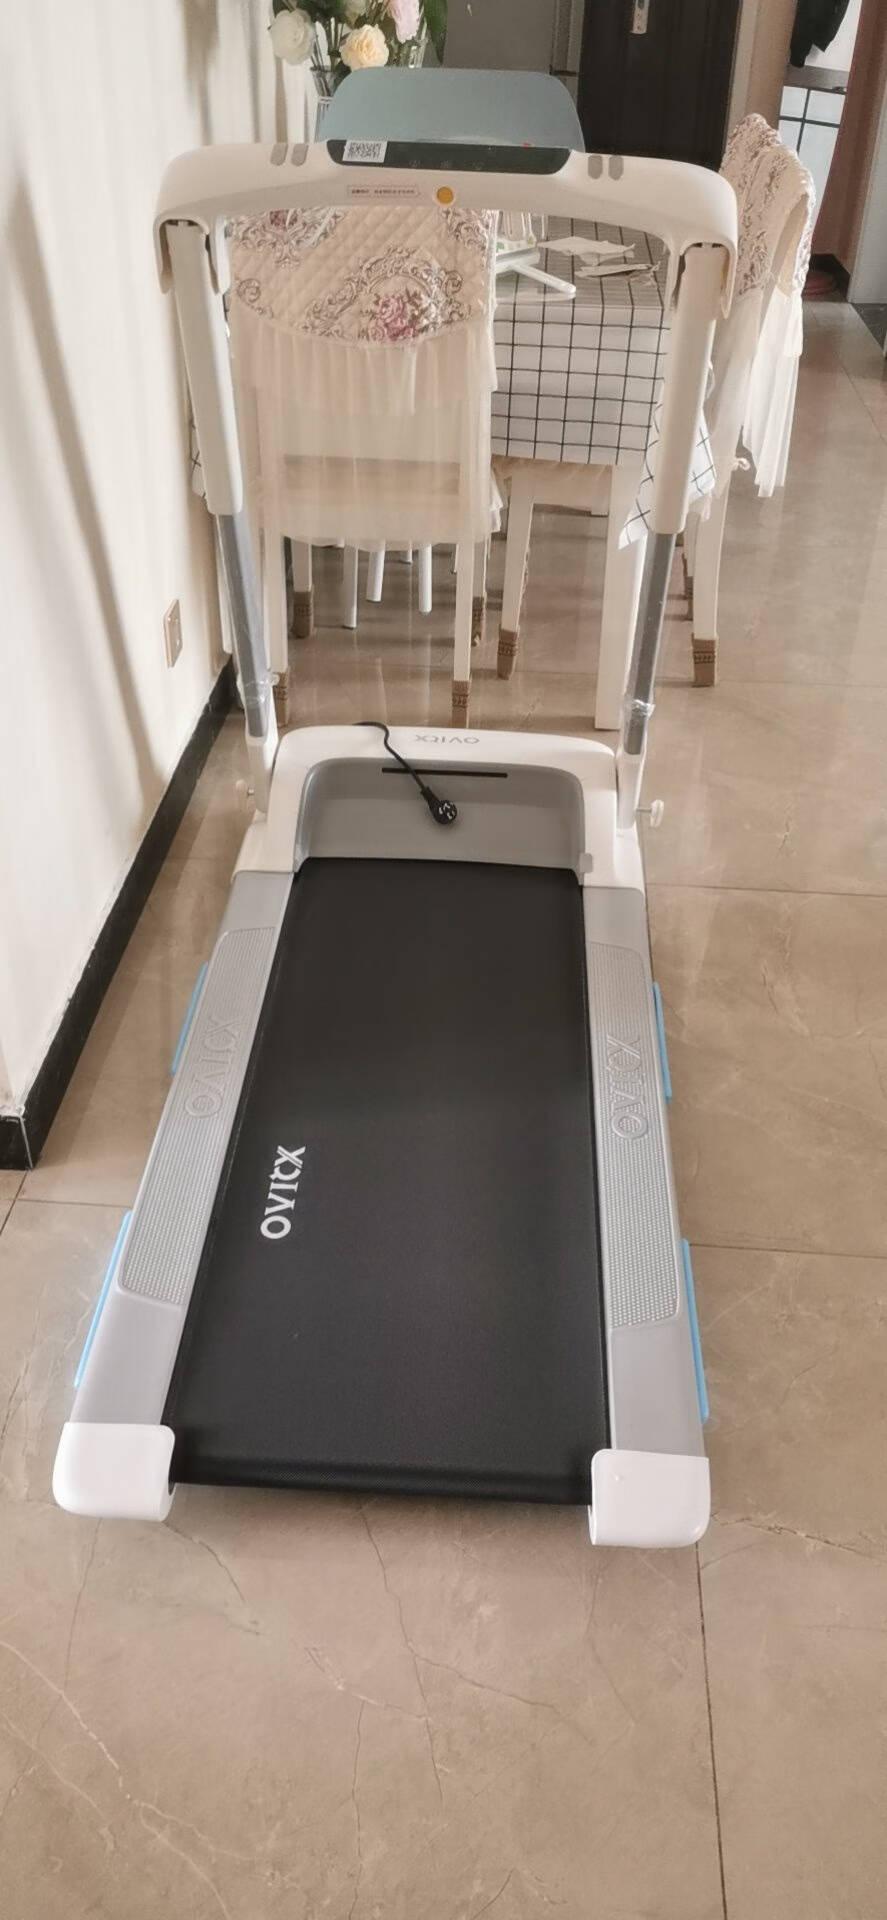 小乔Q2跑步机家用折叠走步机迷你智能小型室内运动健身器材zs